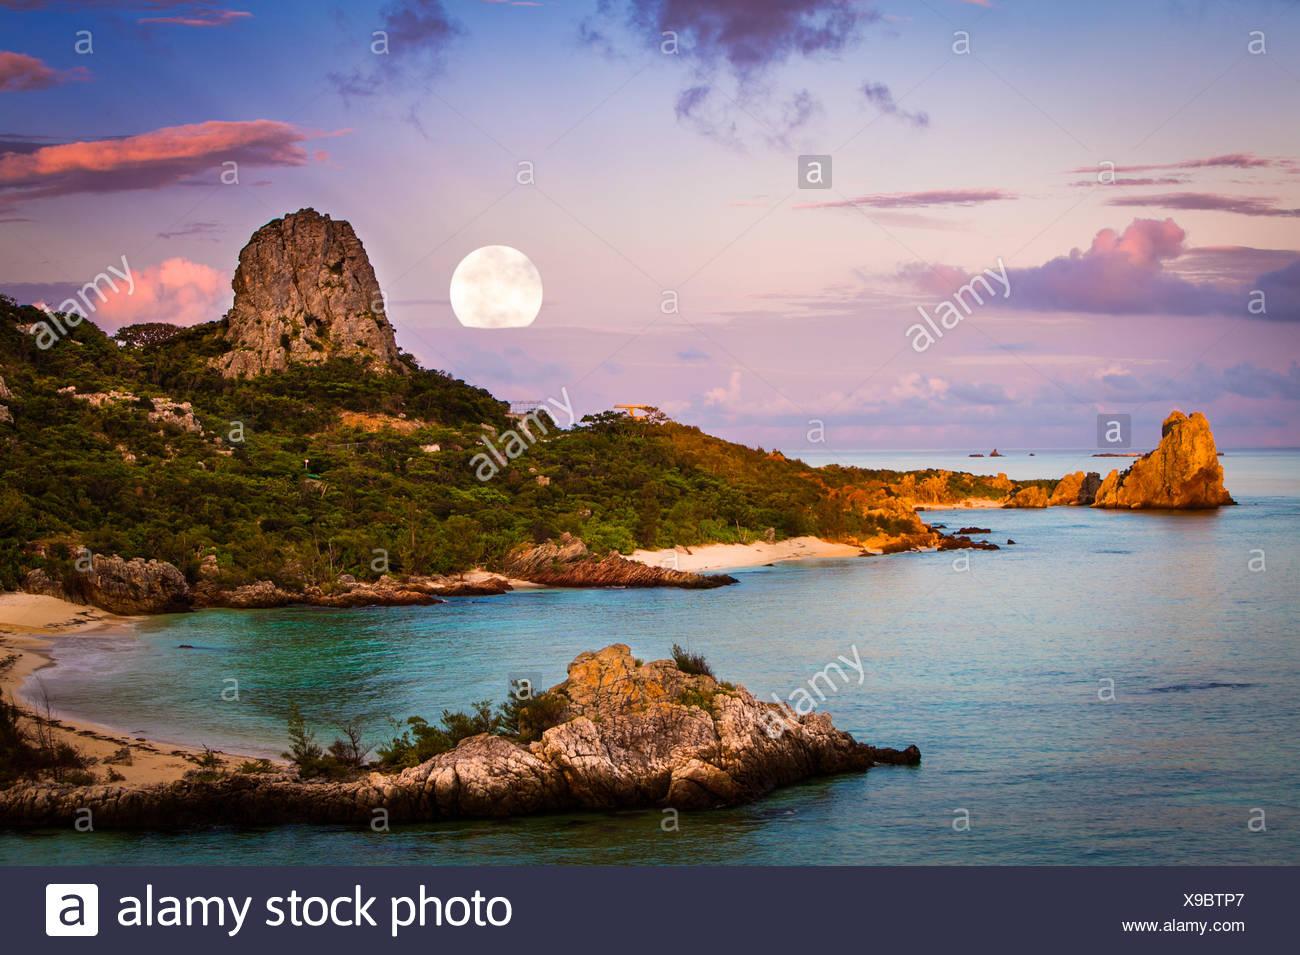 Lune au-dessus du paysage côtier, Okinawa, Japon Photo Stock